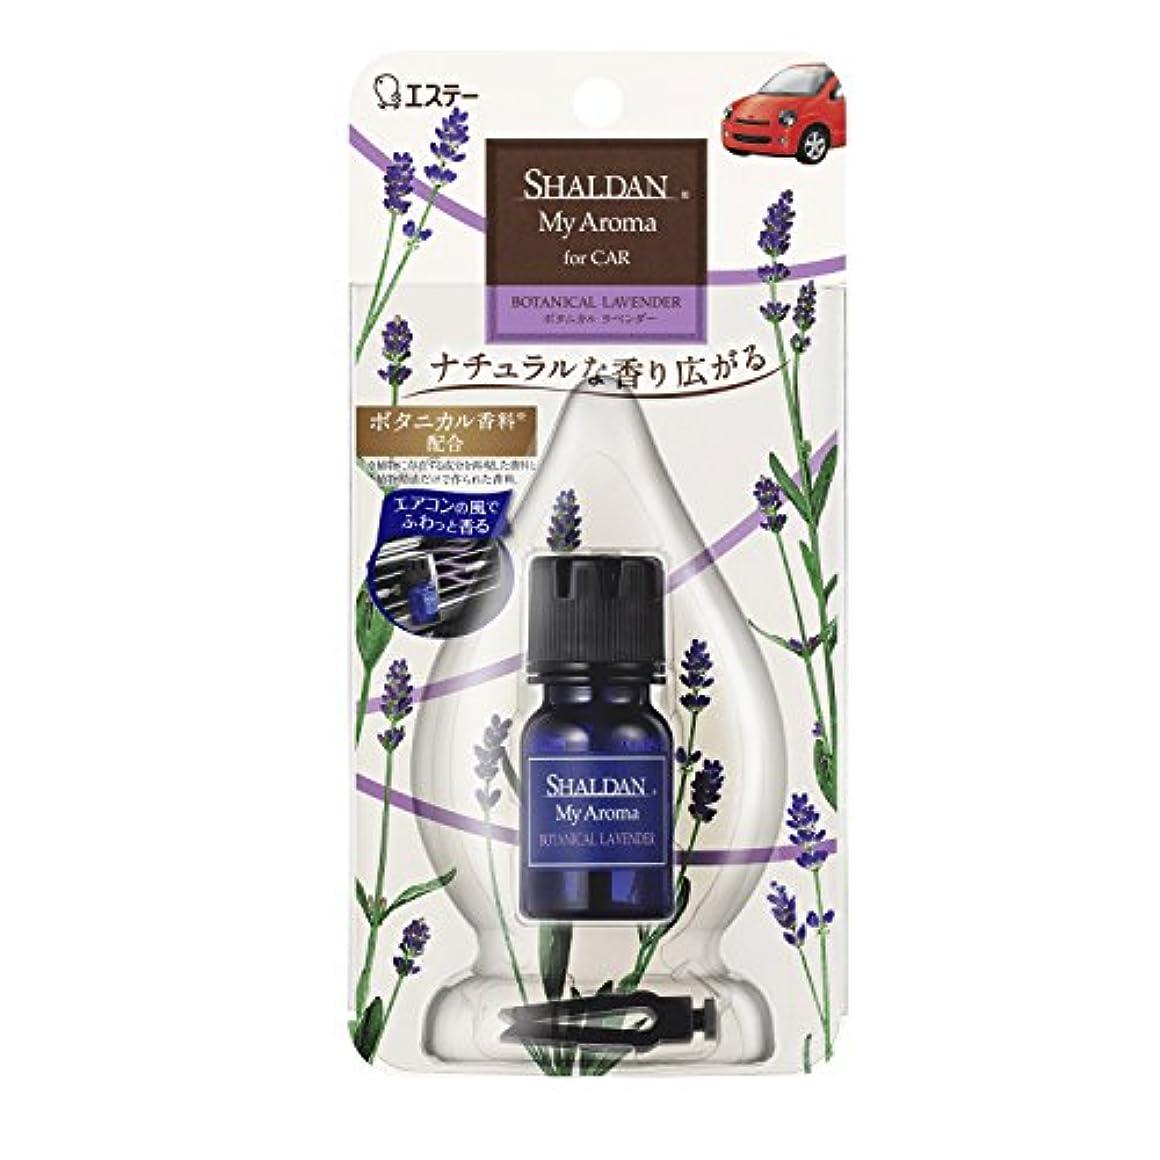 シャルダン SHALDAN My Aroma アロマ for CAR 芳香剤 クルマ用 クルマ ボタニカルラベンダー 5ml